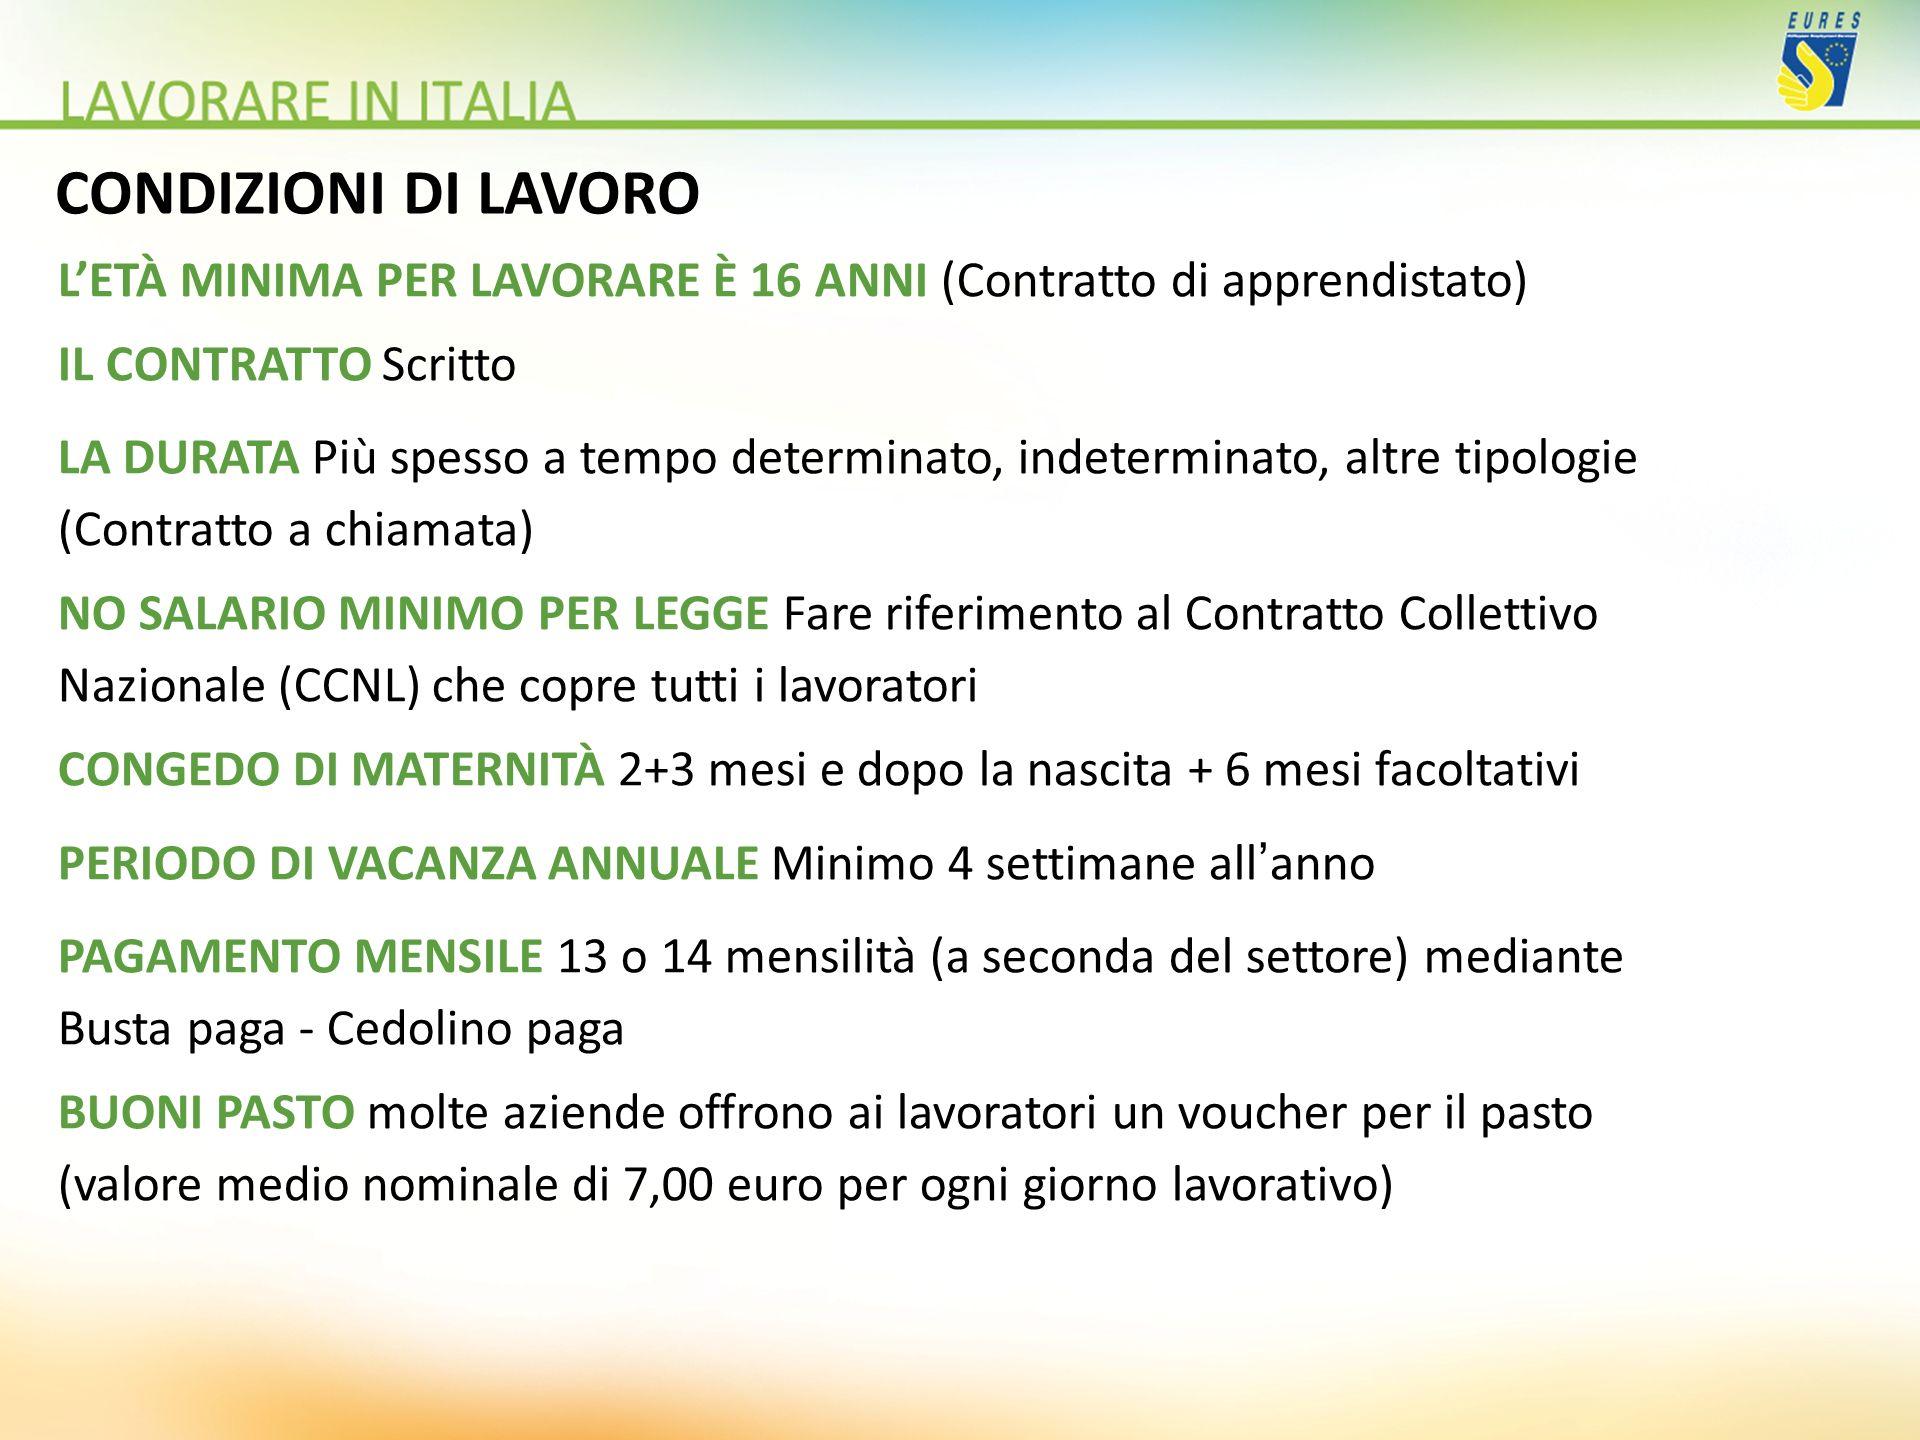 CONDIZIONI DI LAVORO L'ETÀ MINIMA PER LAVORARE È 16 ANNI (Contratto di apprendistato) IL CONTRATTO Scritto.